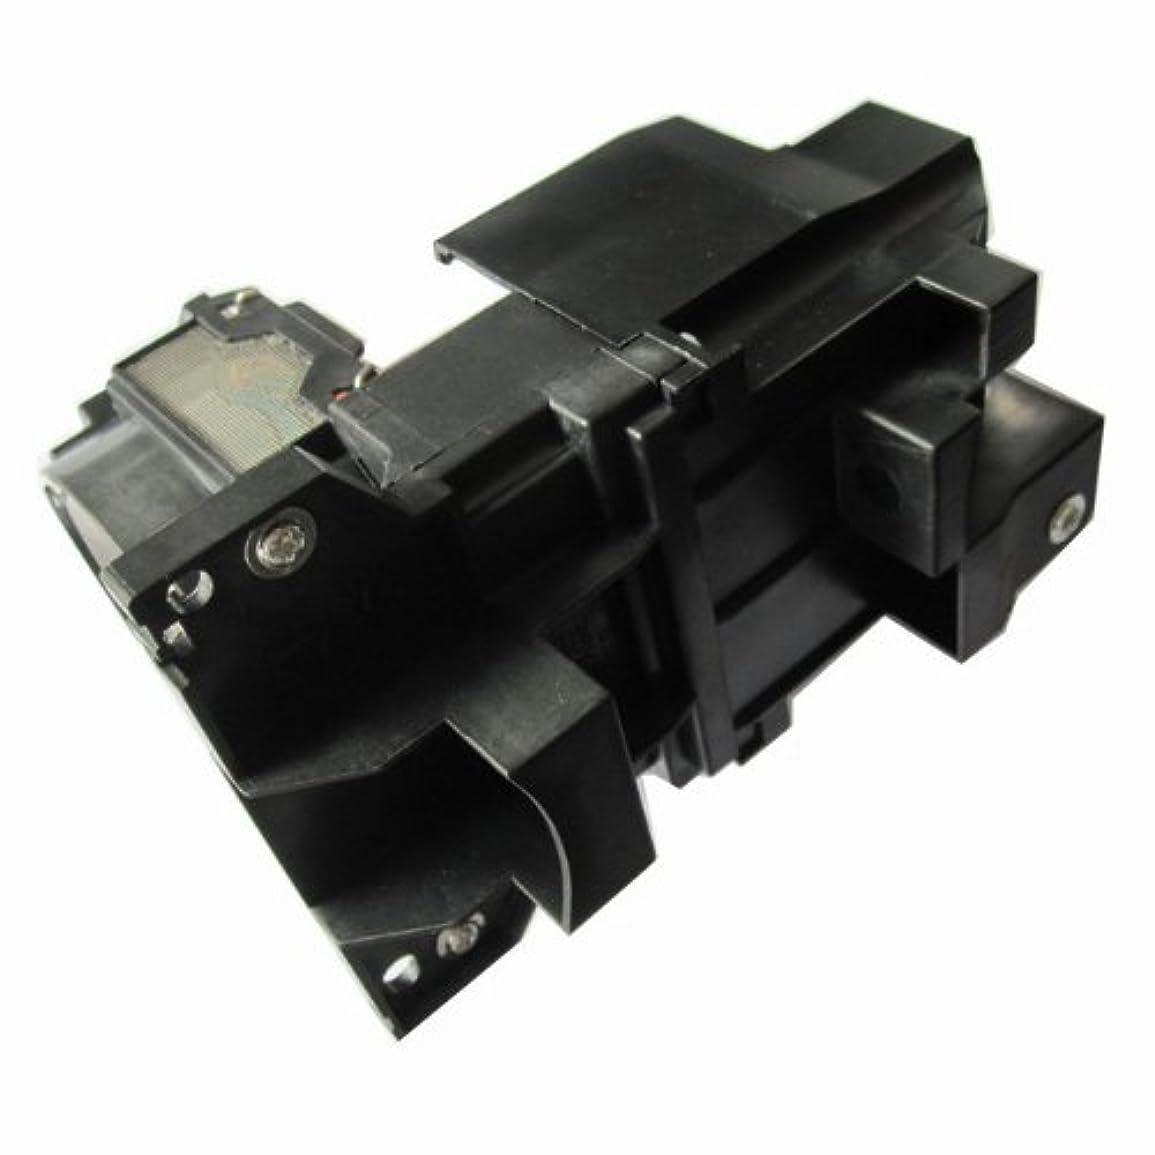 剥離暴君感謝祭LCD3LCDプロジェクター交換用ランプバルブモジュール Dukane 456-8760用 ハウジングケージ付き